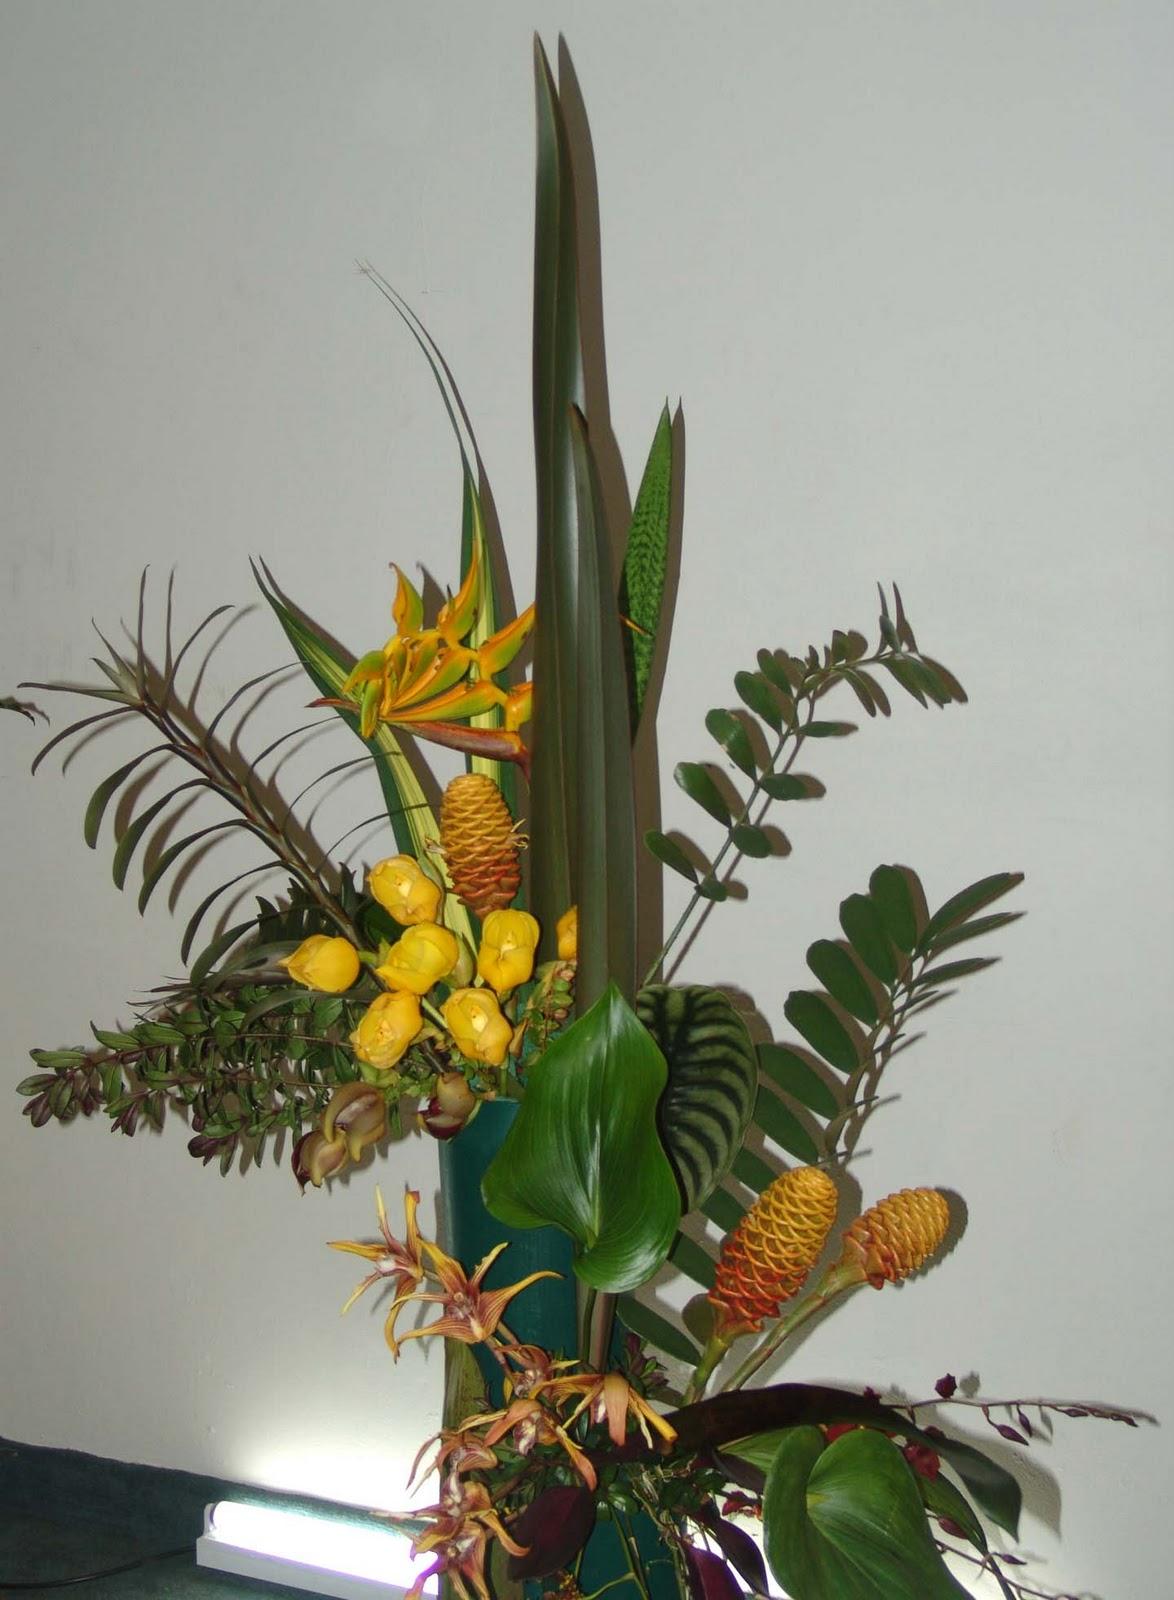 Arreglos florales creativos arreglos creativos bot nico jugemos en el bosque - Arreglos florales creativos ...